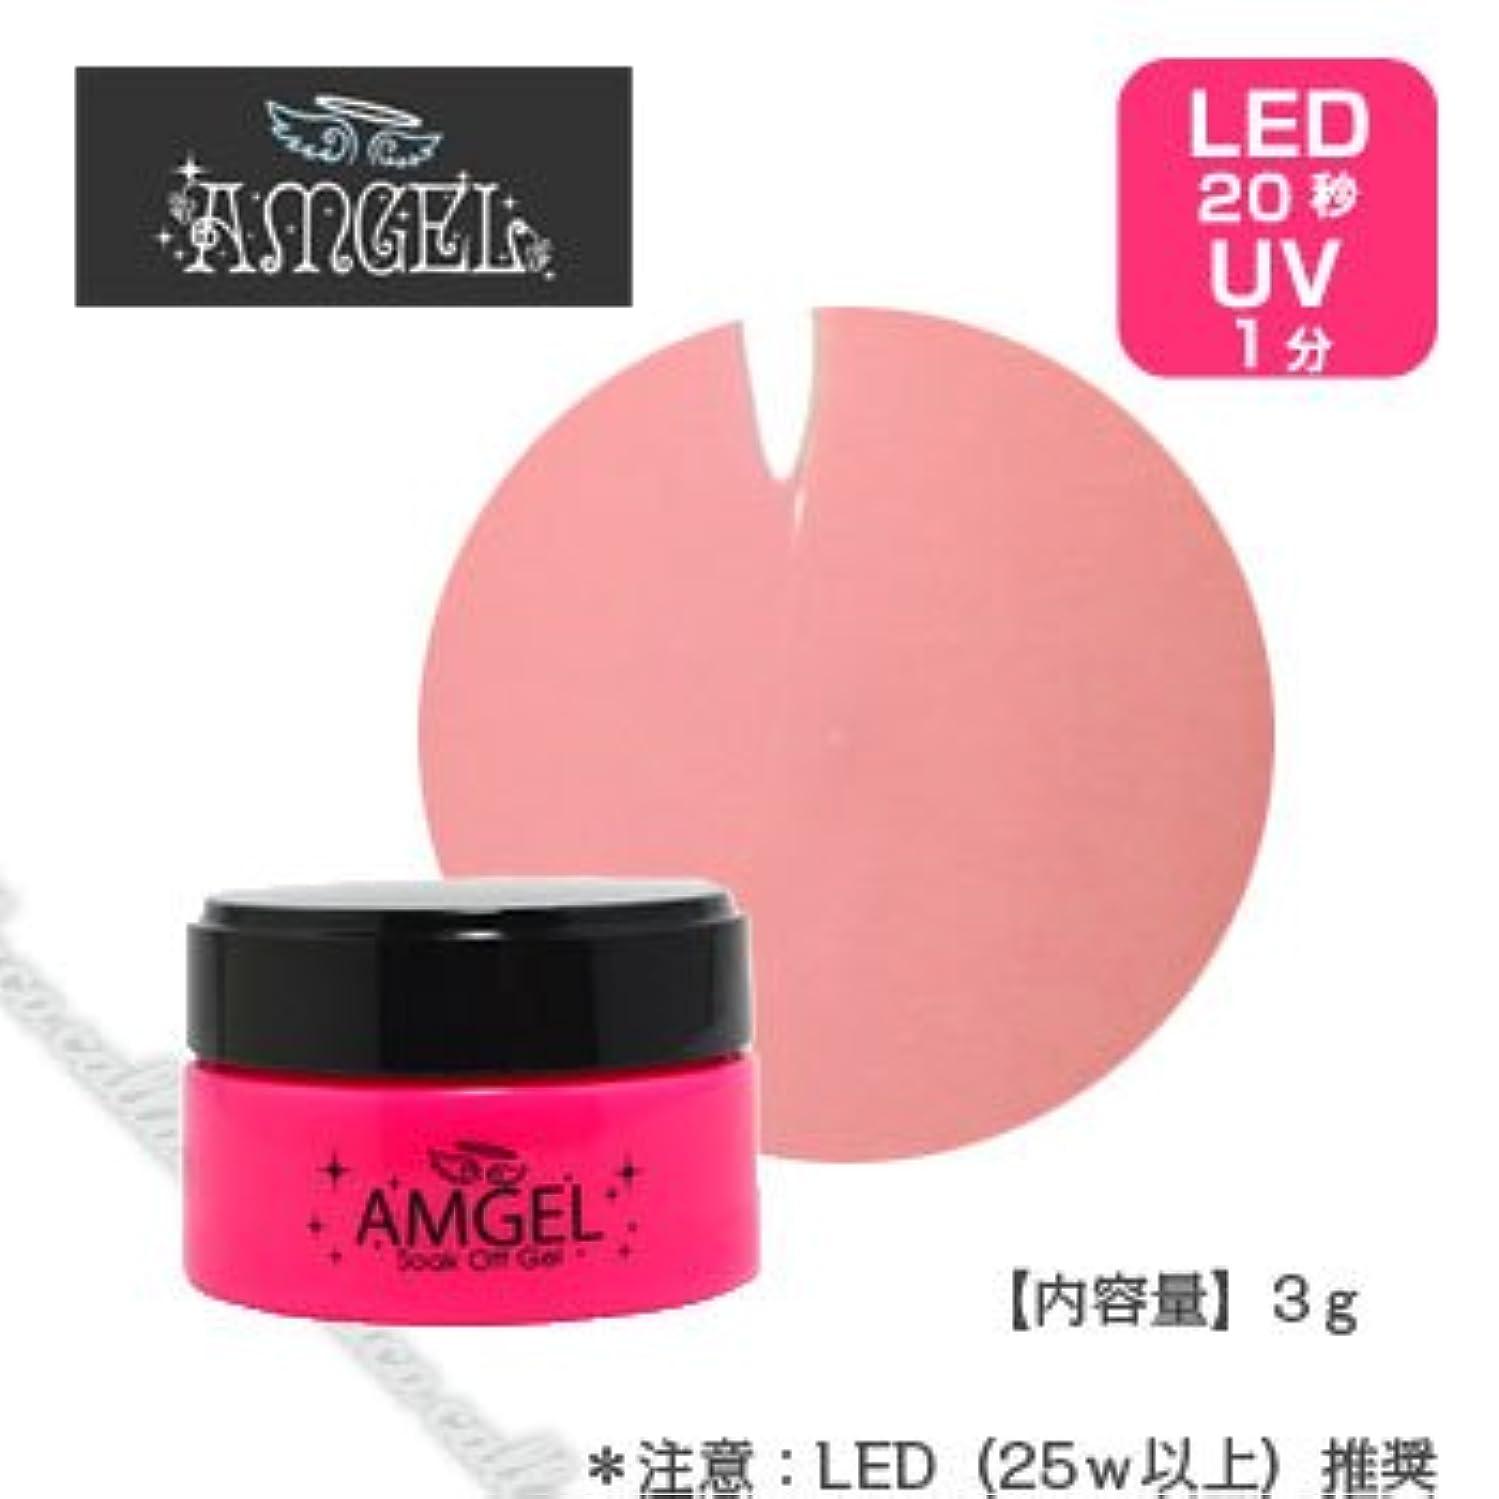 ヒューム破壊約束するアンジェル( AMGEL)  カラージェル   AL9M オリンピンク 3g